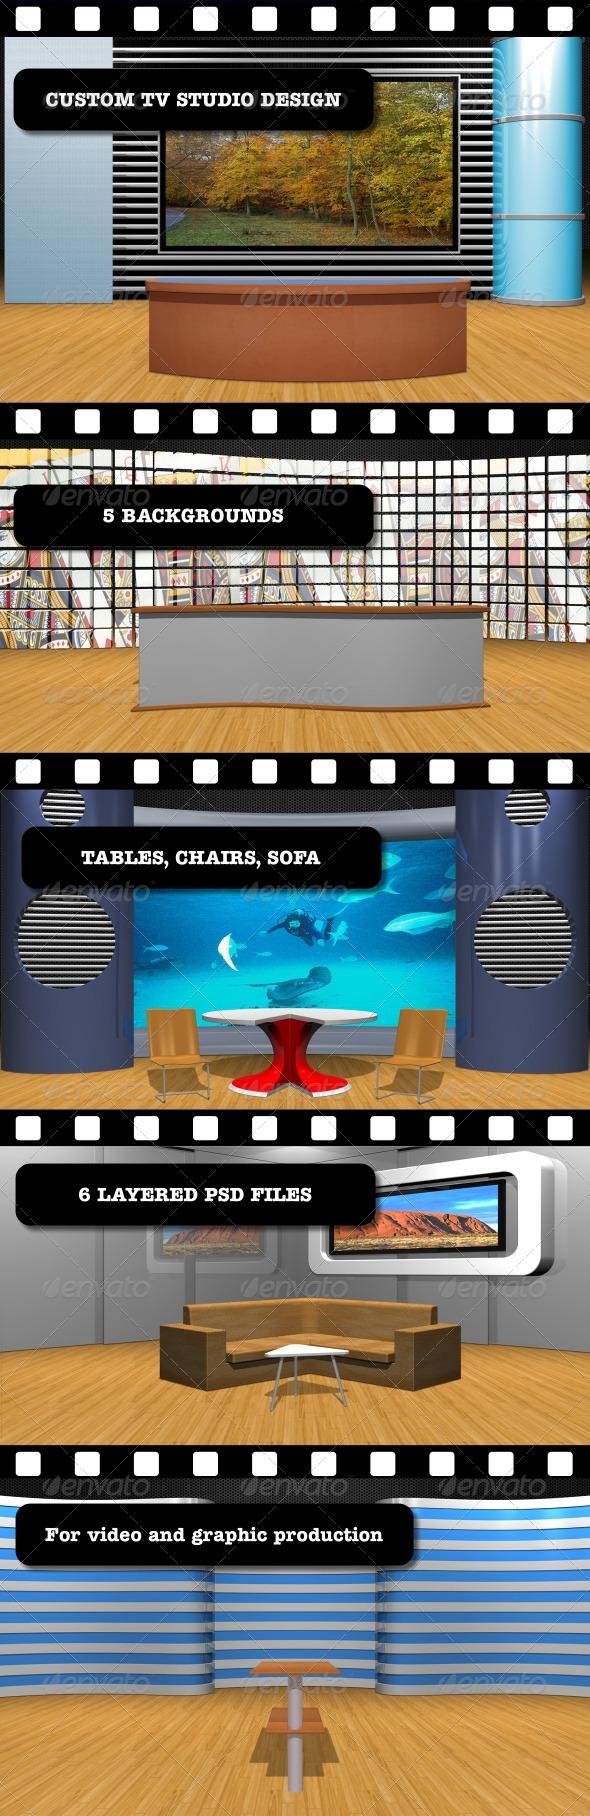 GraphicRiver Custom TV Studio Design 2756190